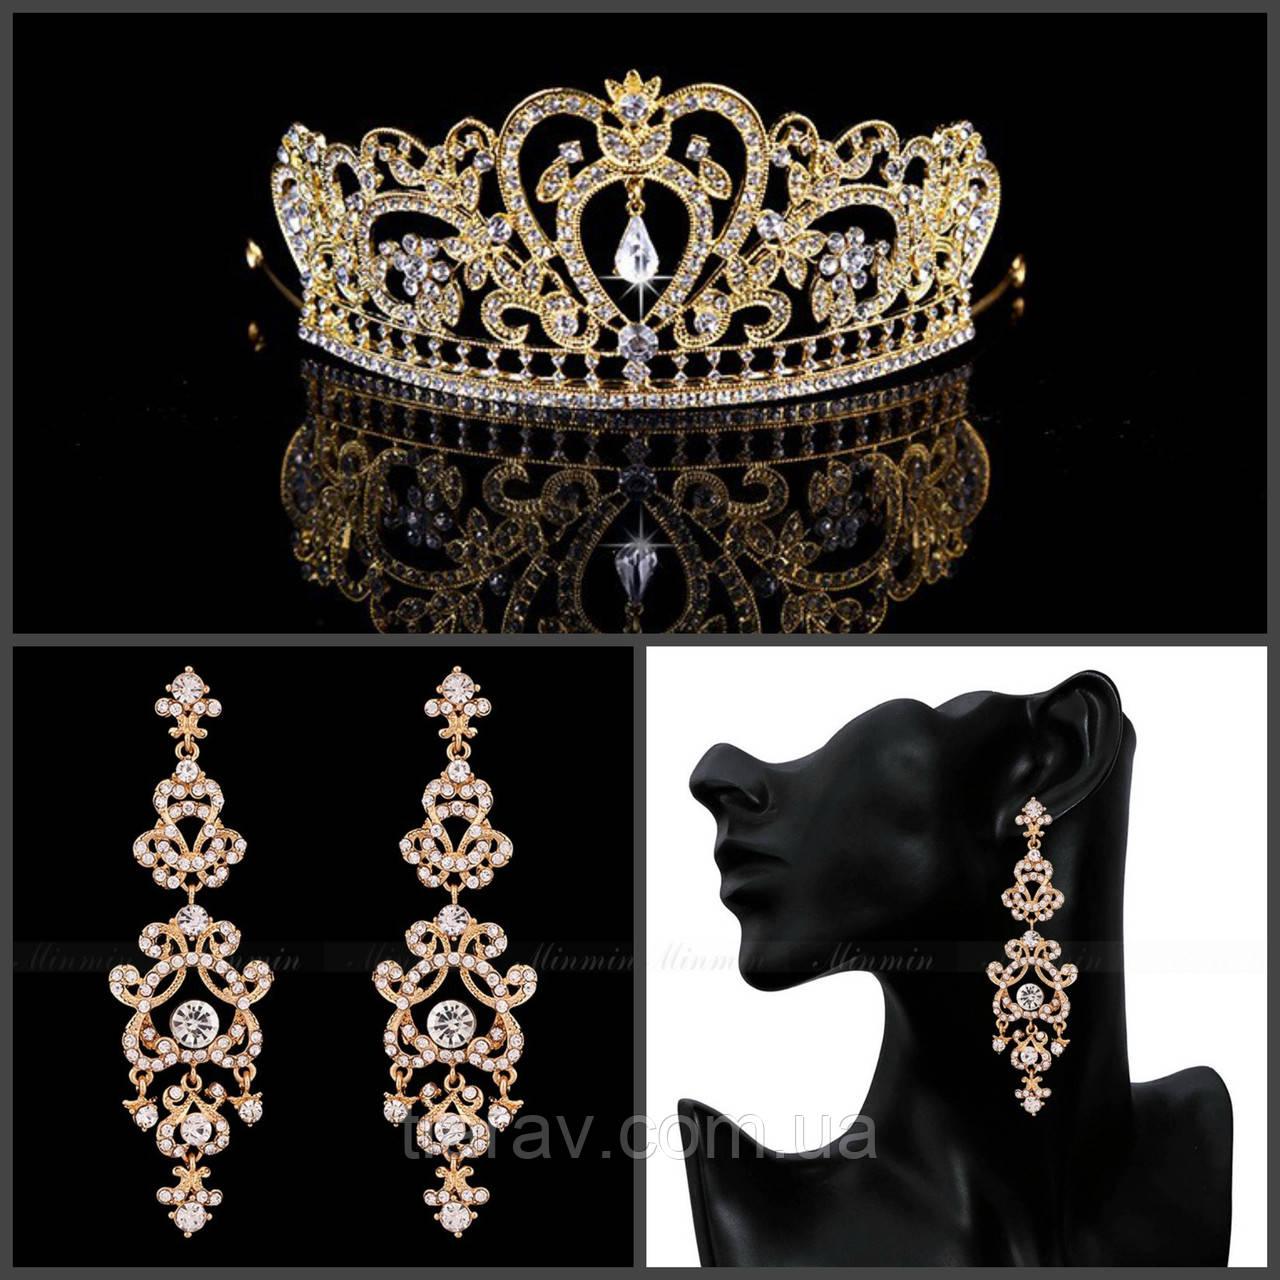 Набір прикрас корона і сережки ФІОНА ГОЛД діадеми, корони весільні прикраси